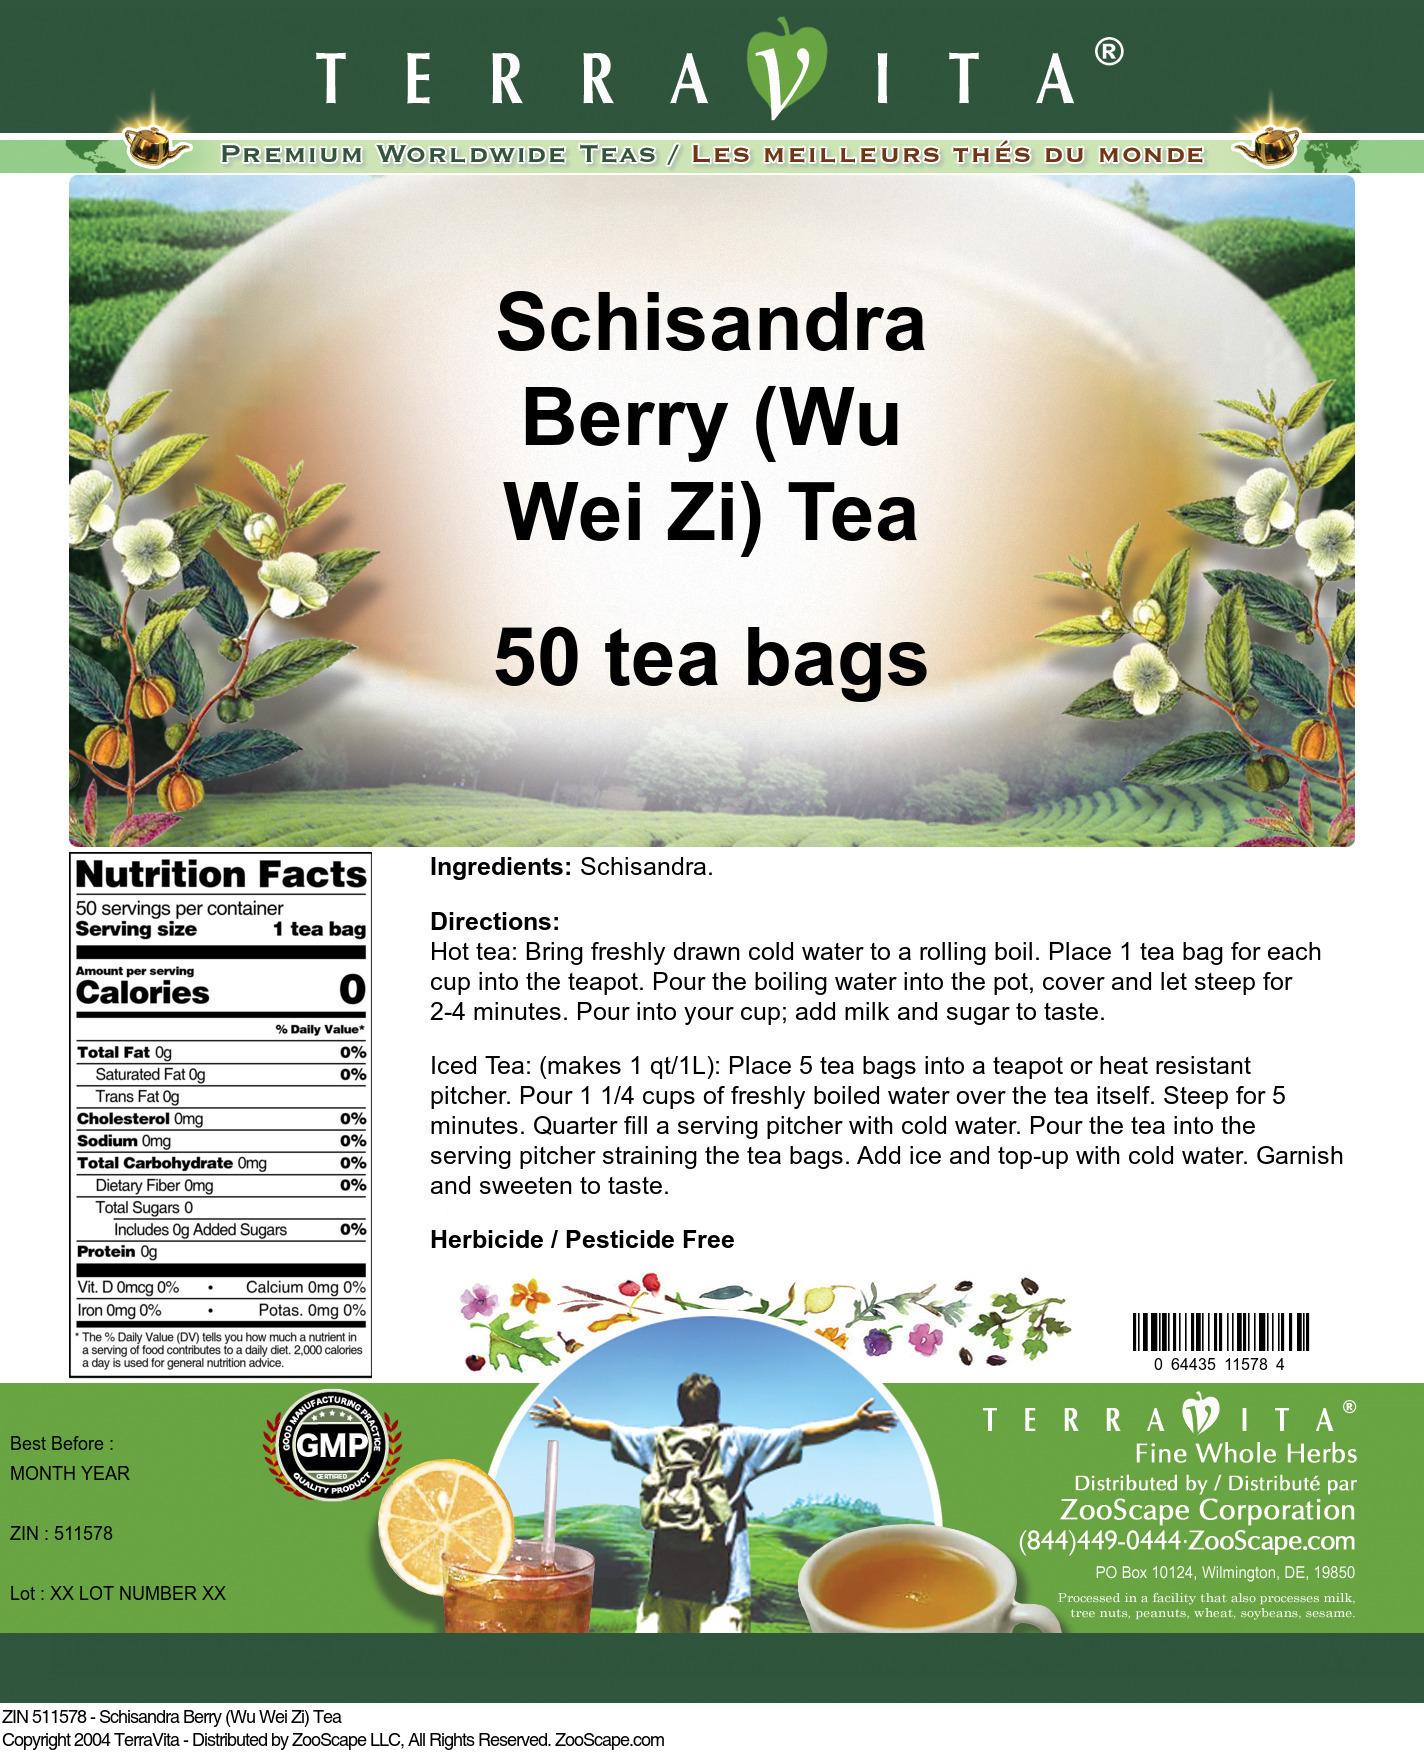 Schisandra Berry (Wu Wei Zi) Tea